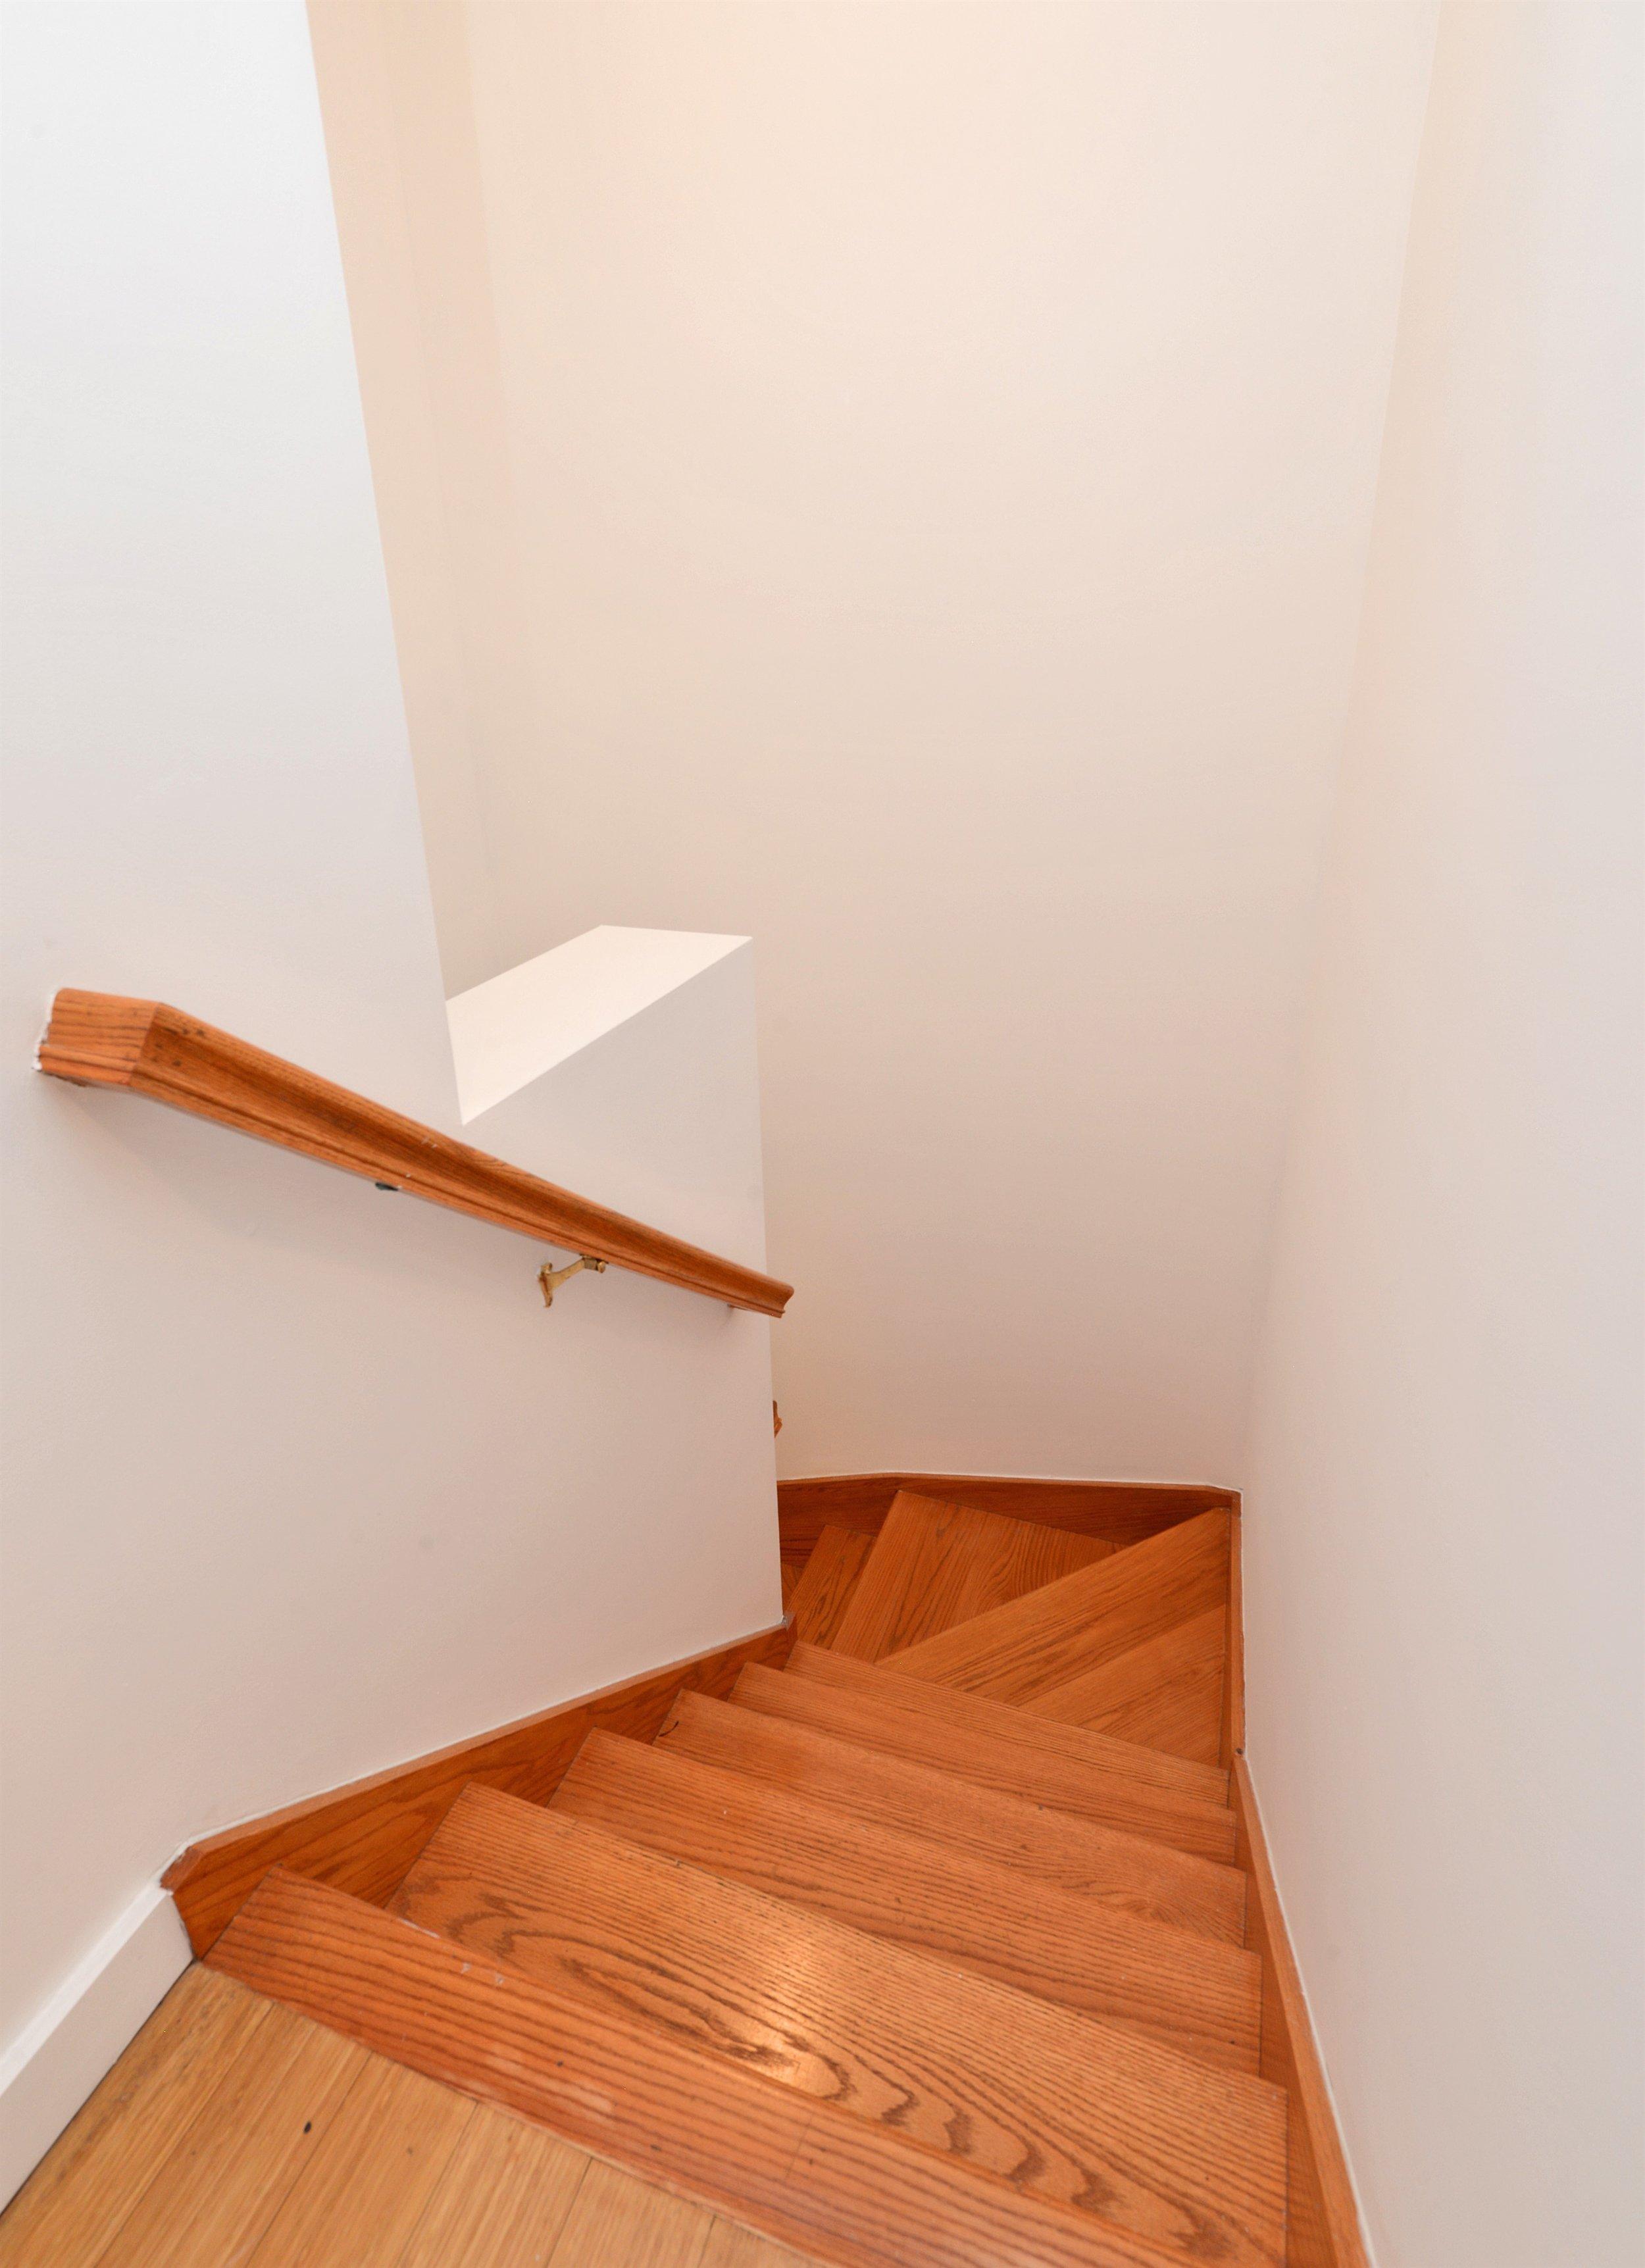 317 E 111 - Staircase.jpg